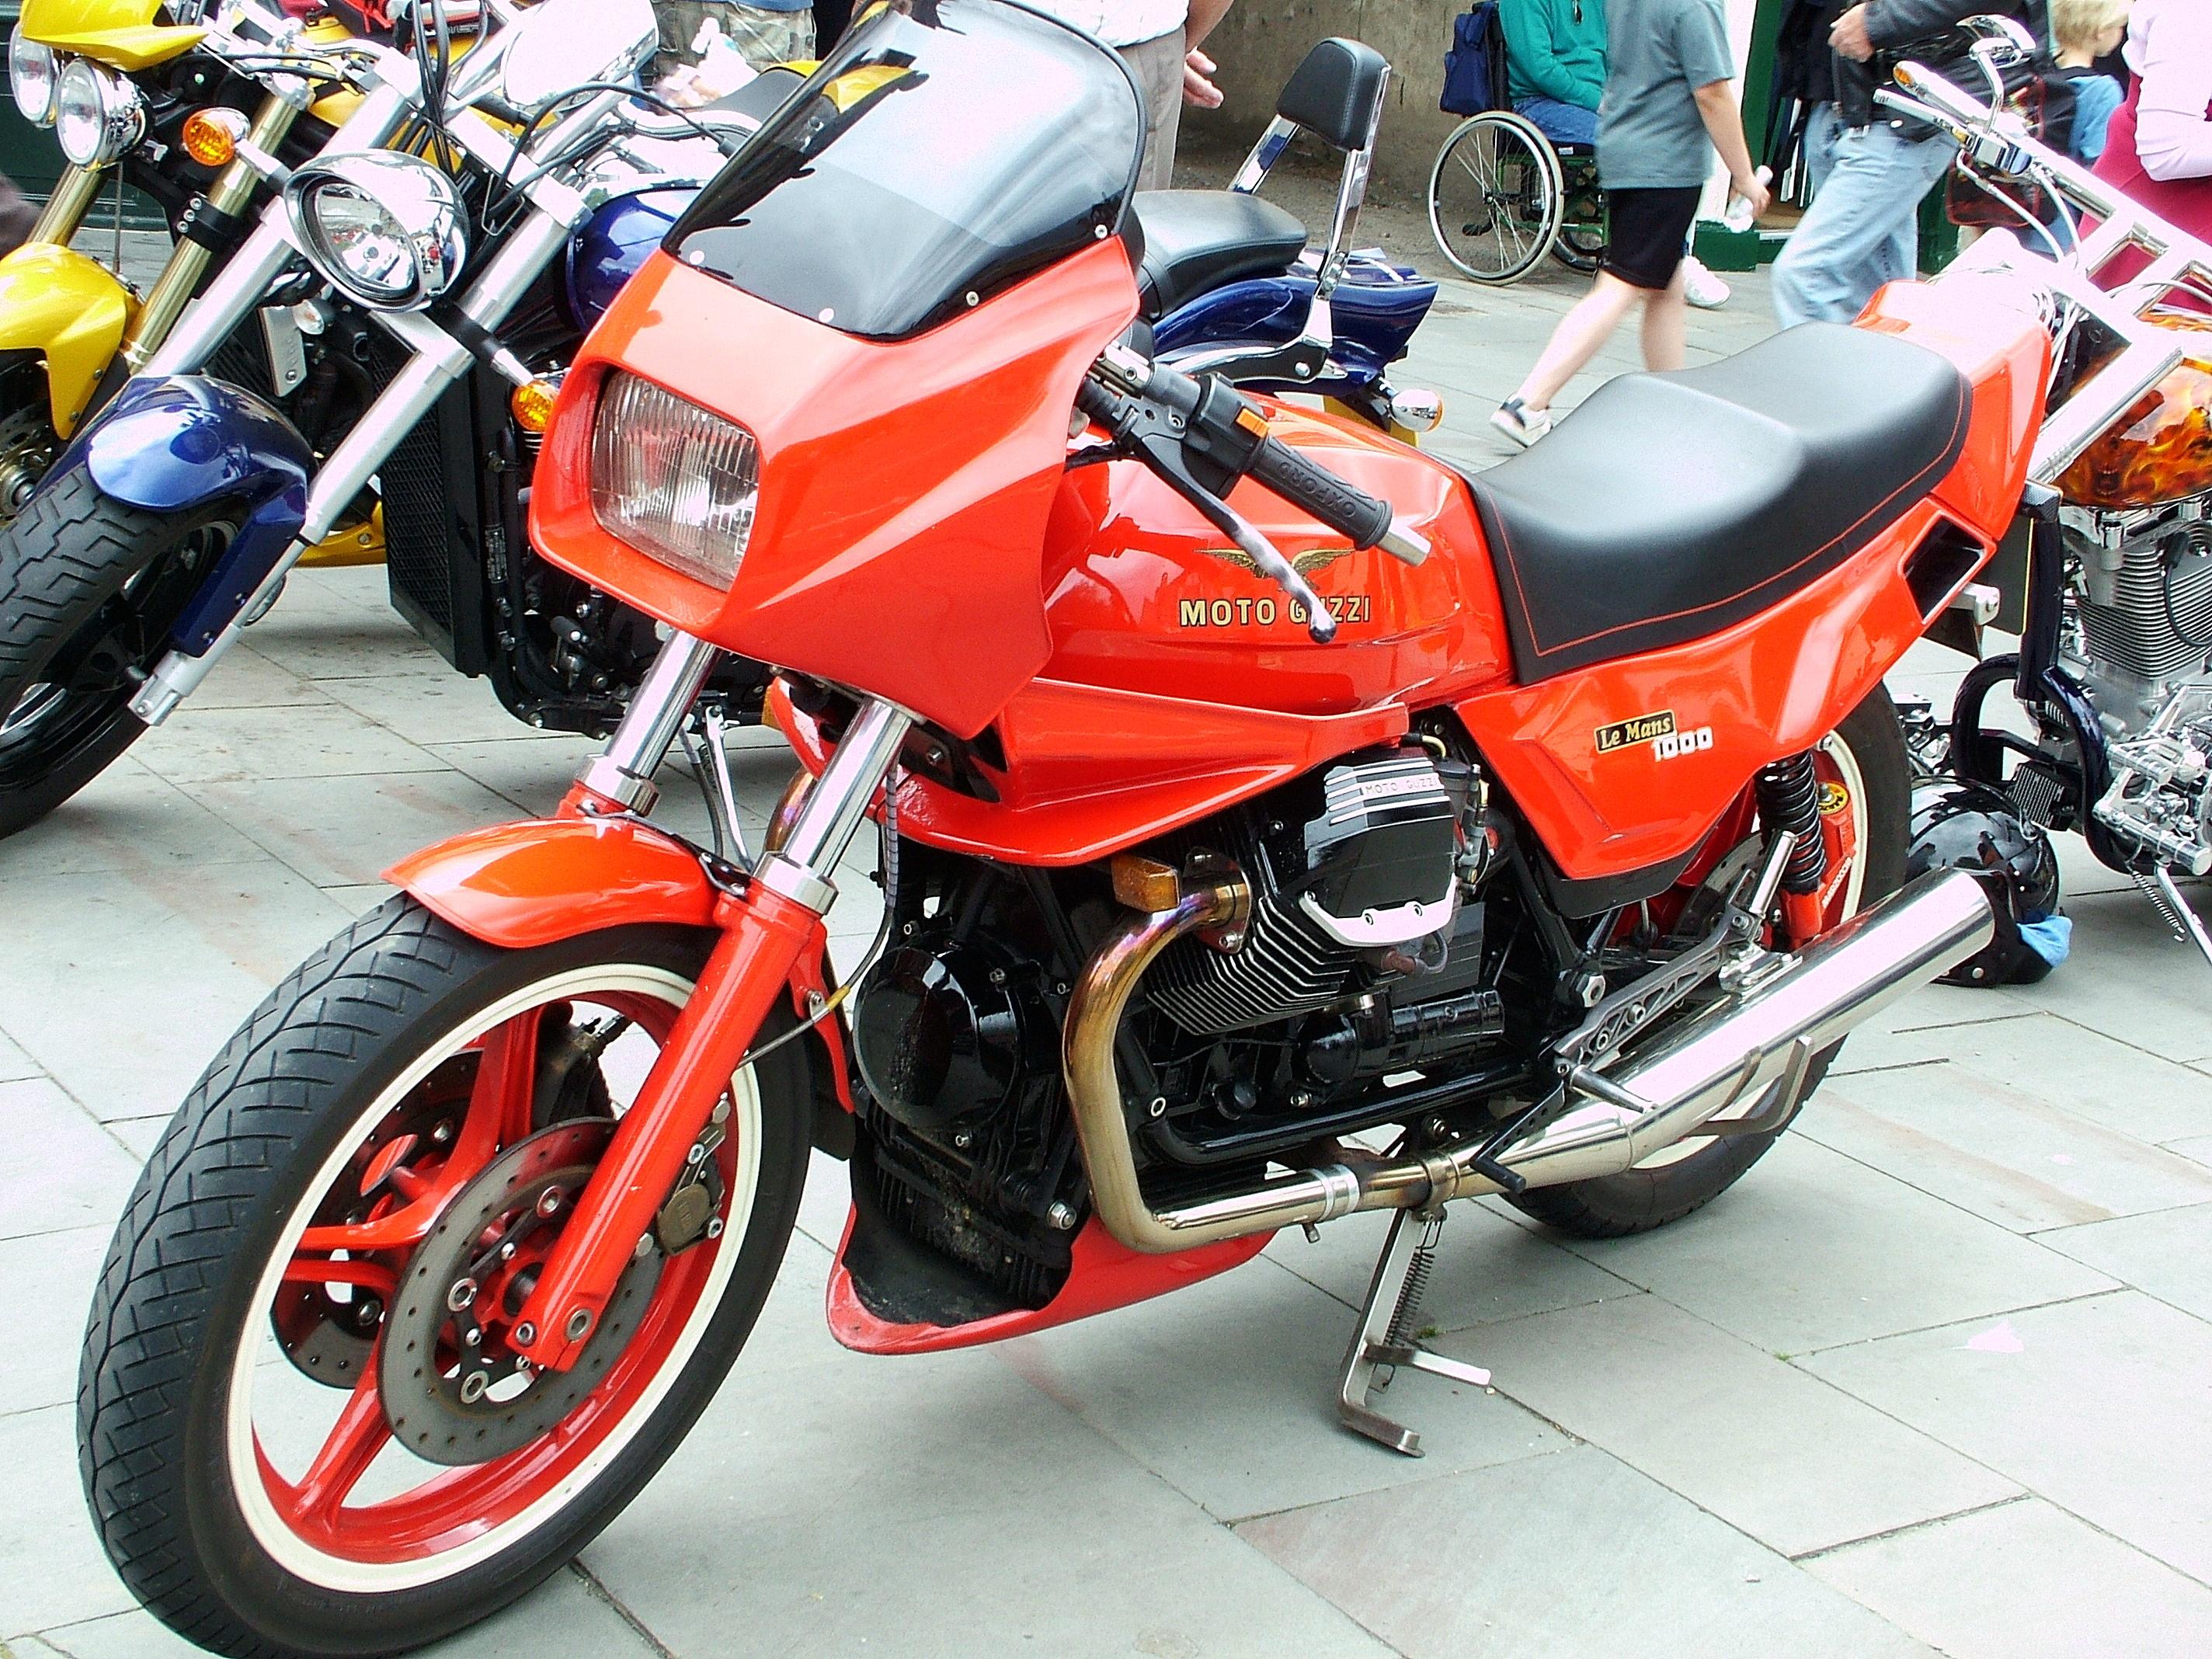 KTM 300 red